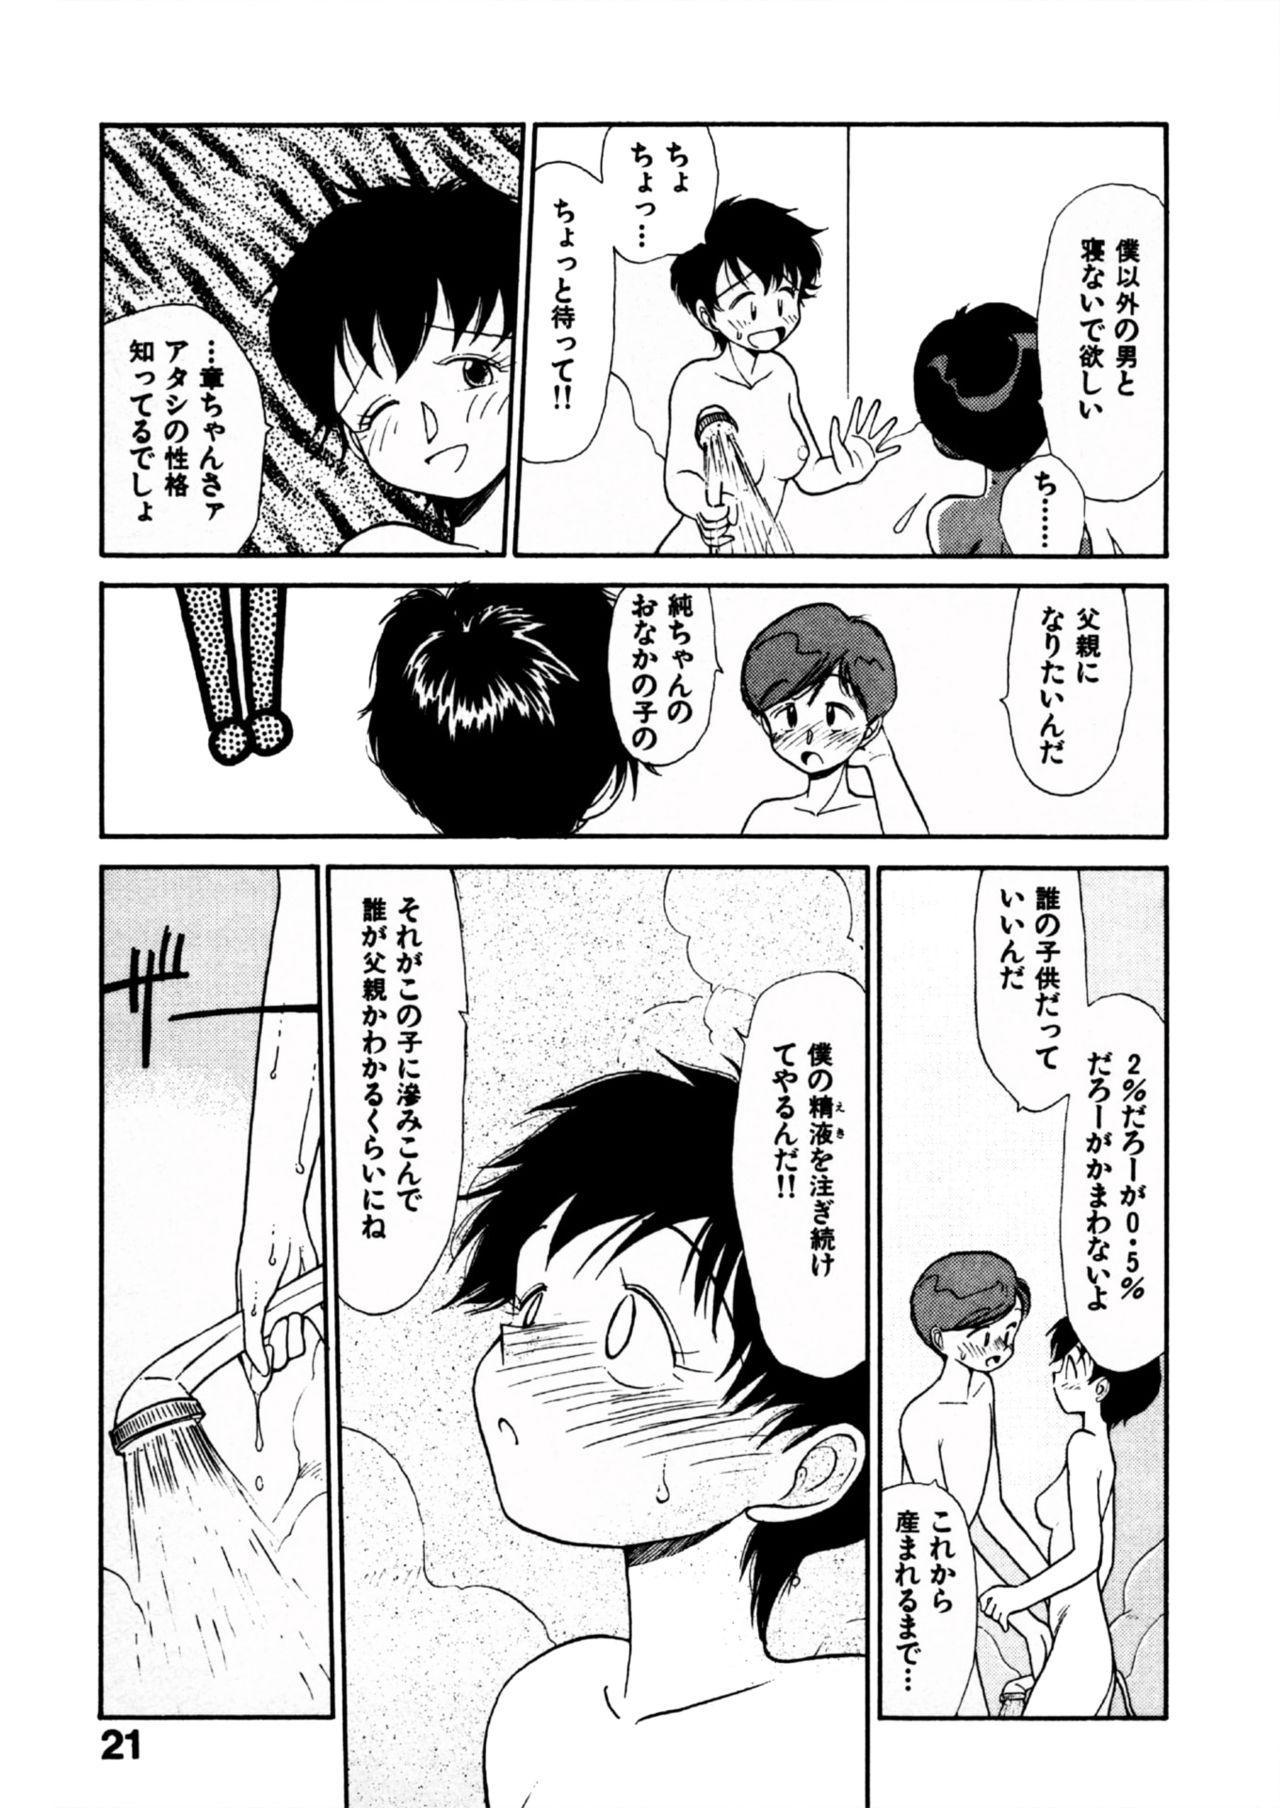 COMIC Kairakuten 25 Shuunen kinen tokubetsugou 21